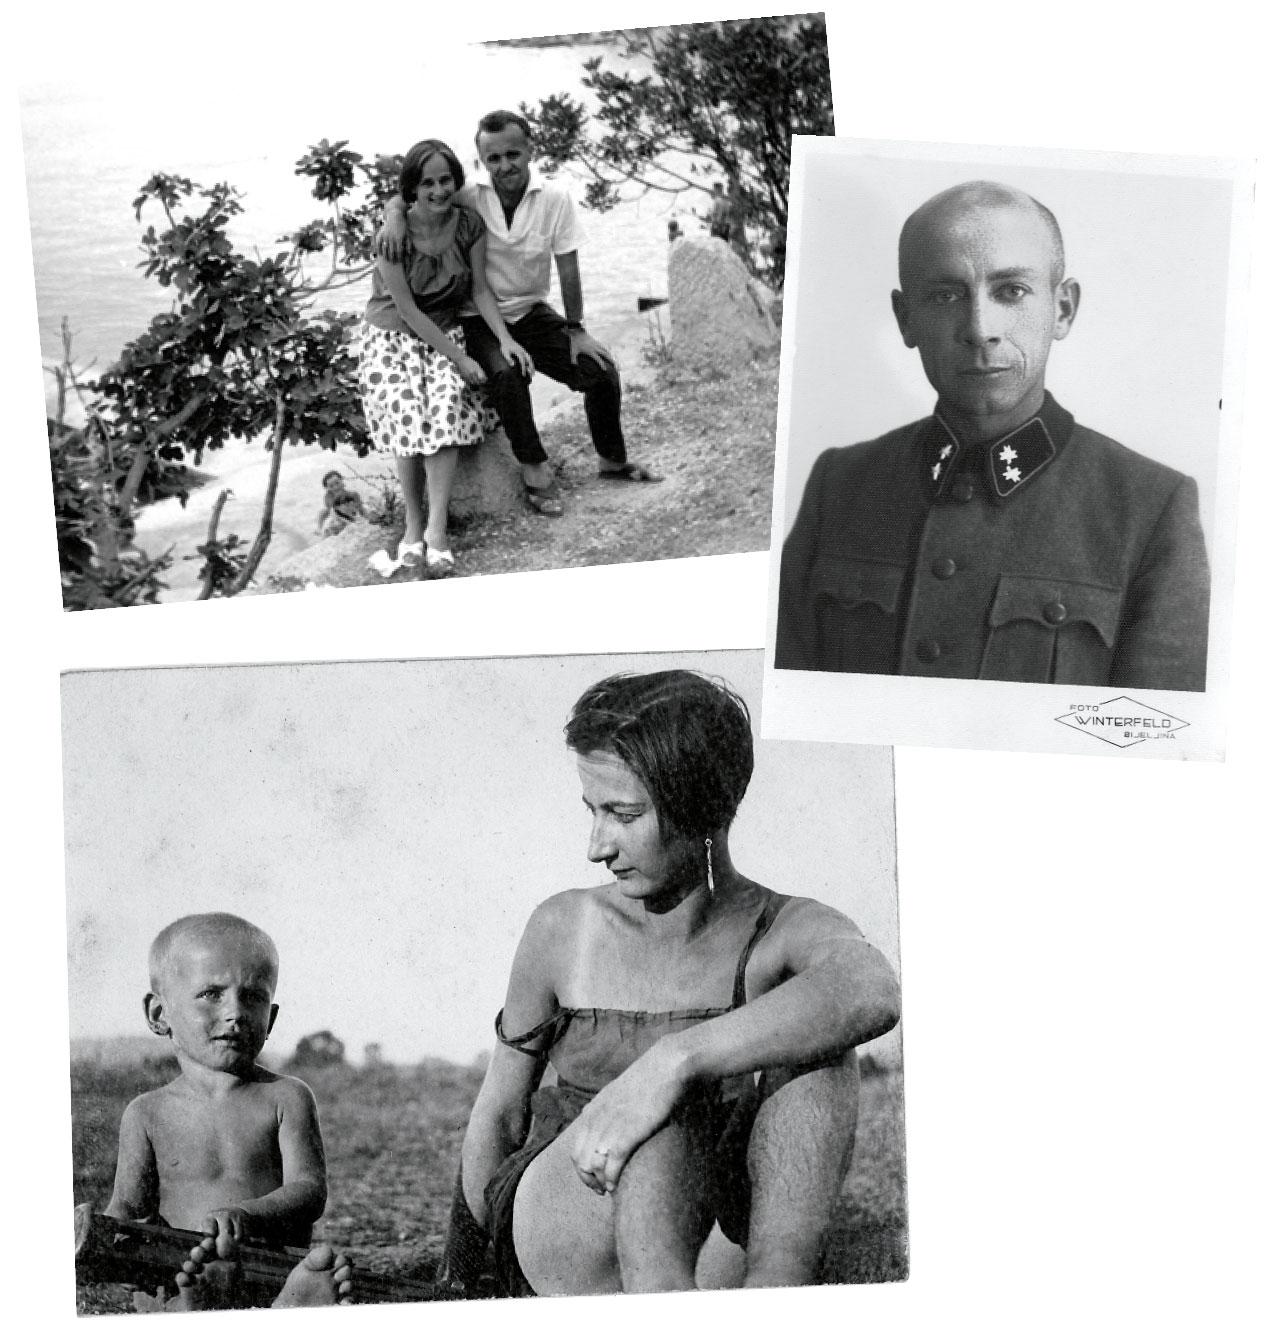 Miljenko Jergovic – Die unerhörte Geschichte meiner Familie